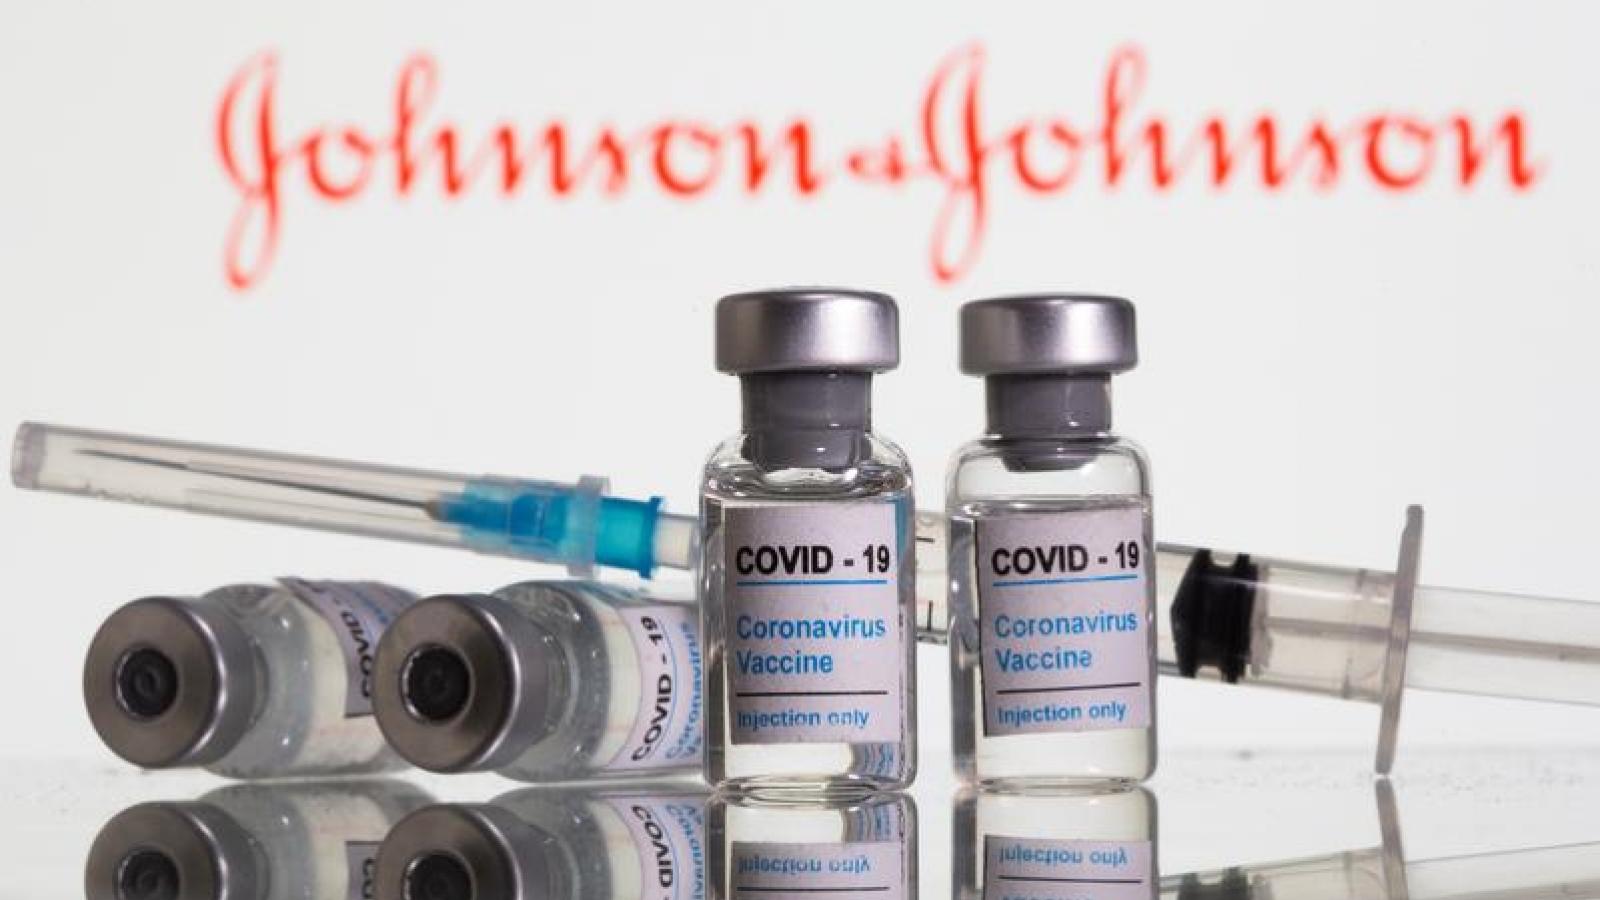 Châu Âu điều tra sự cố hiếm gặp với vaccine Covid-19 của Johnson & Johnson